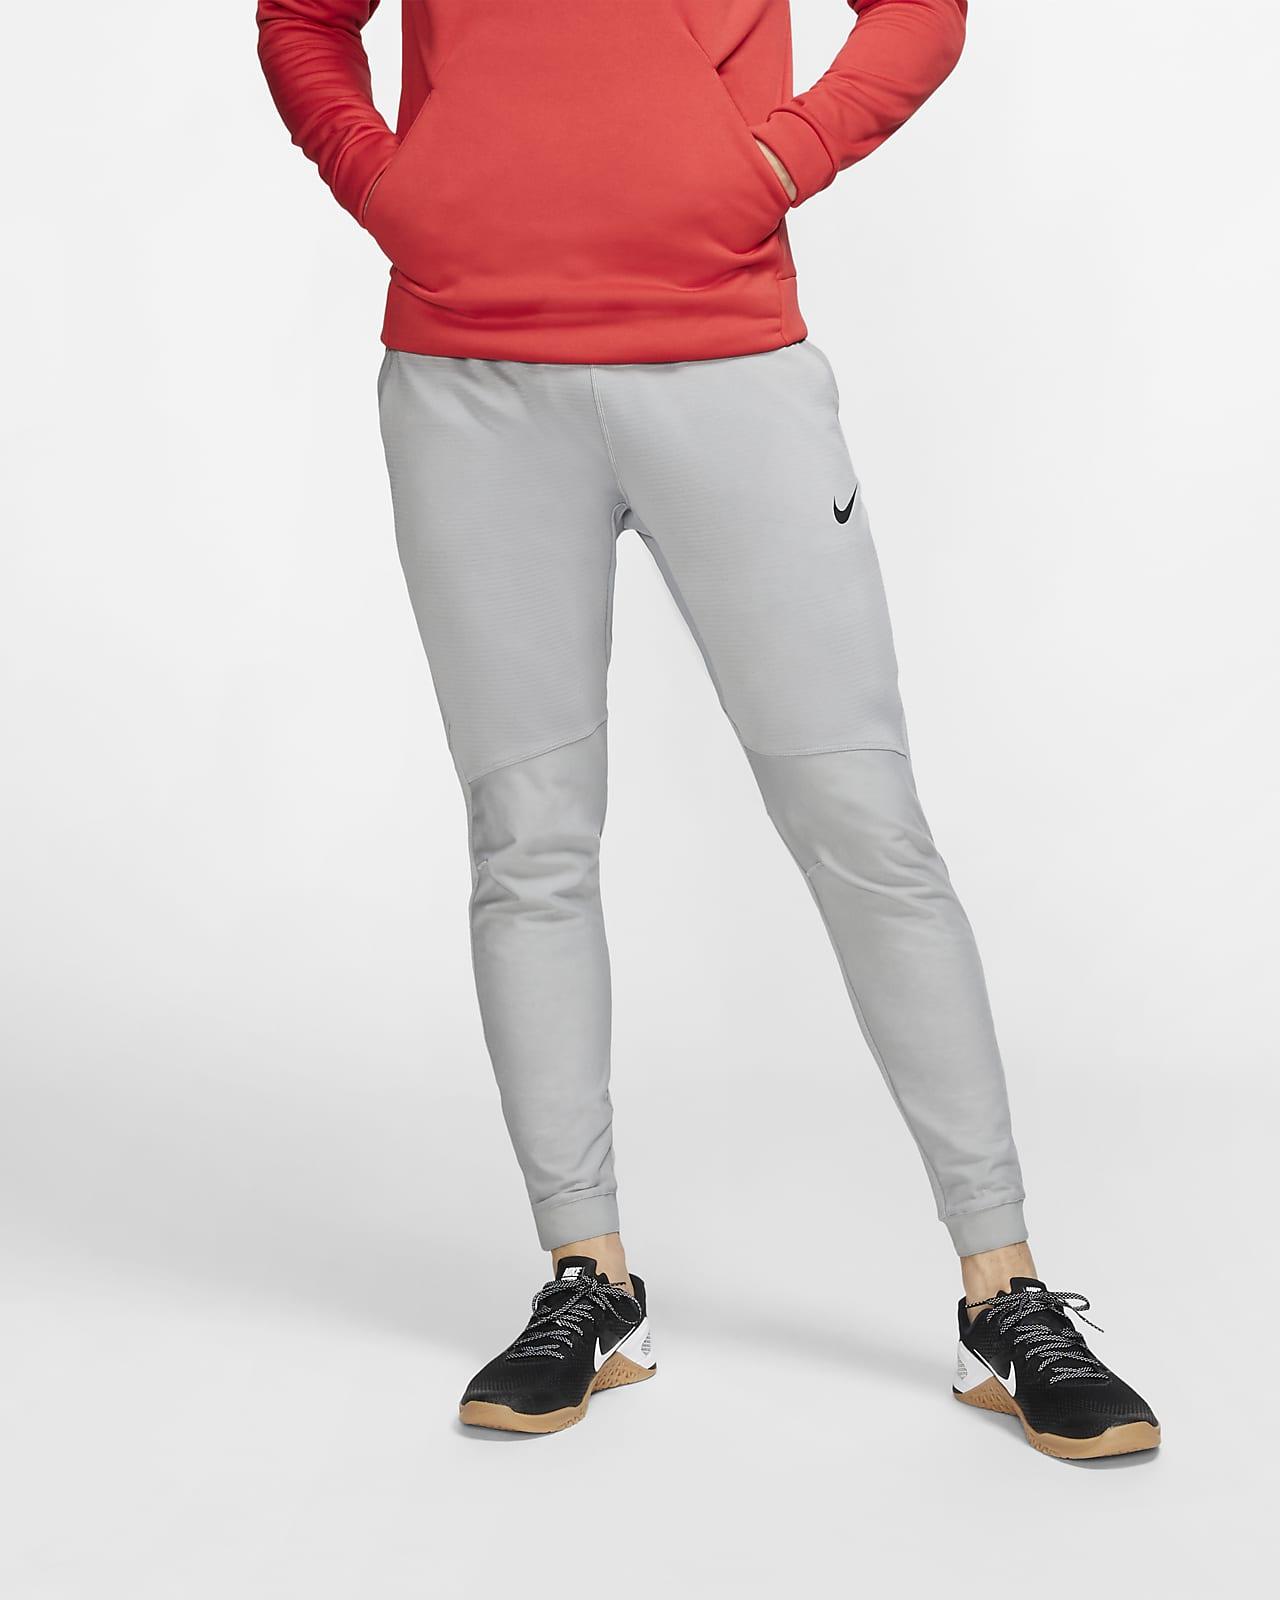 Nike Pro Men's Pants